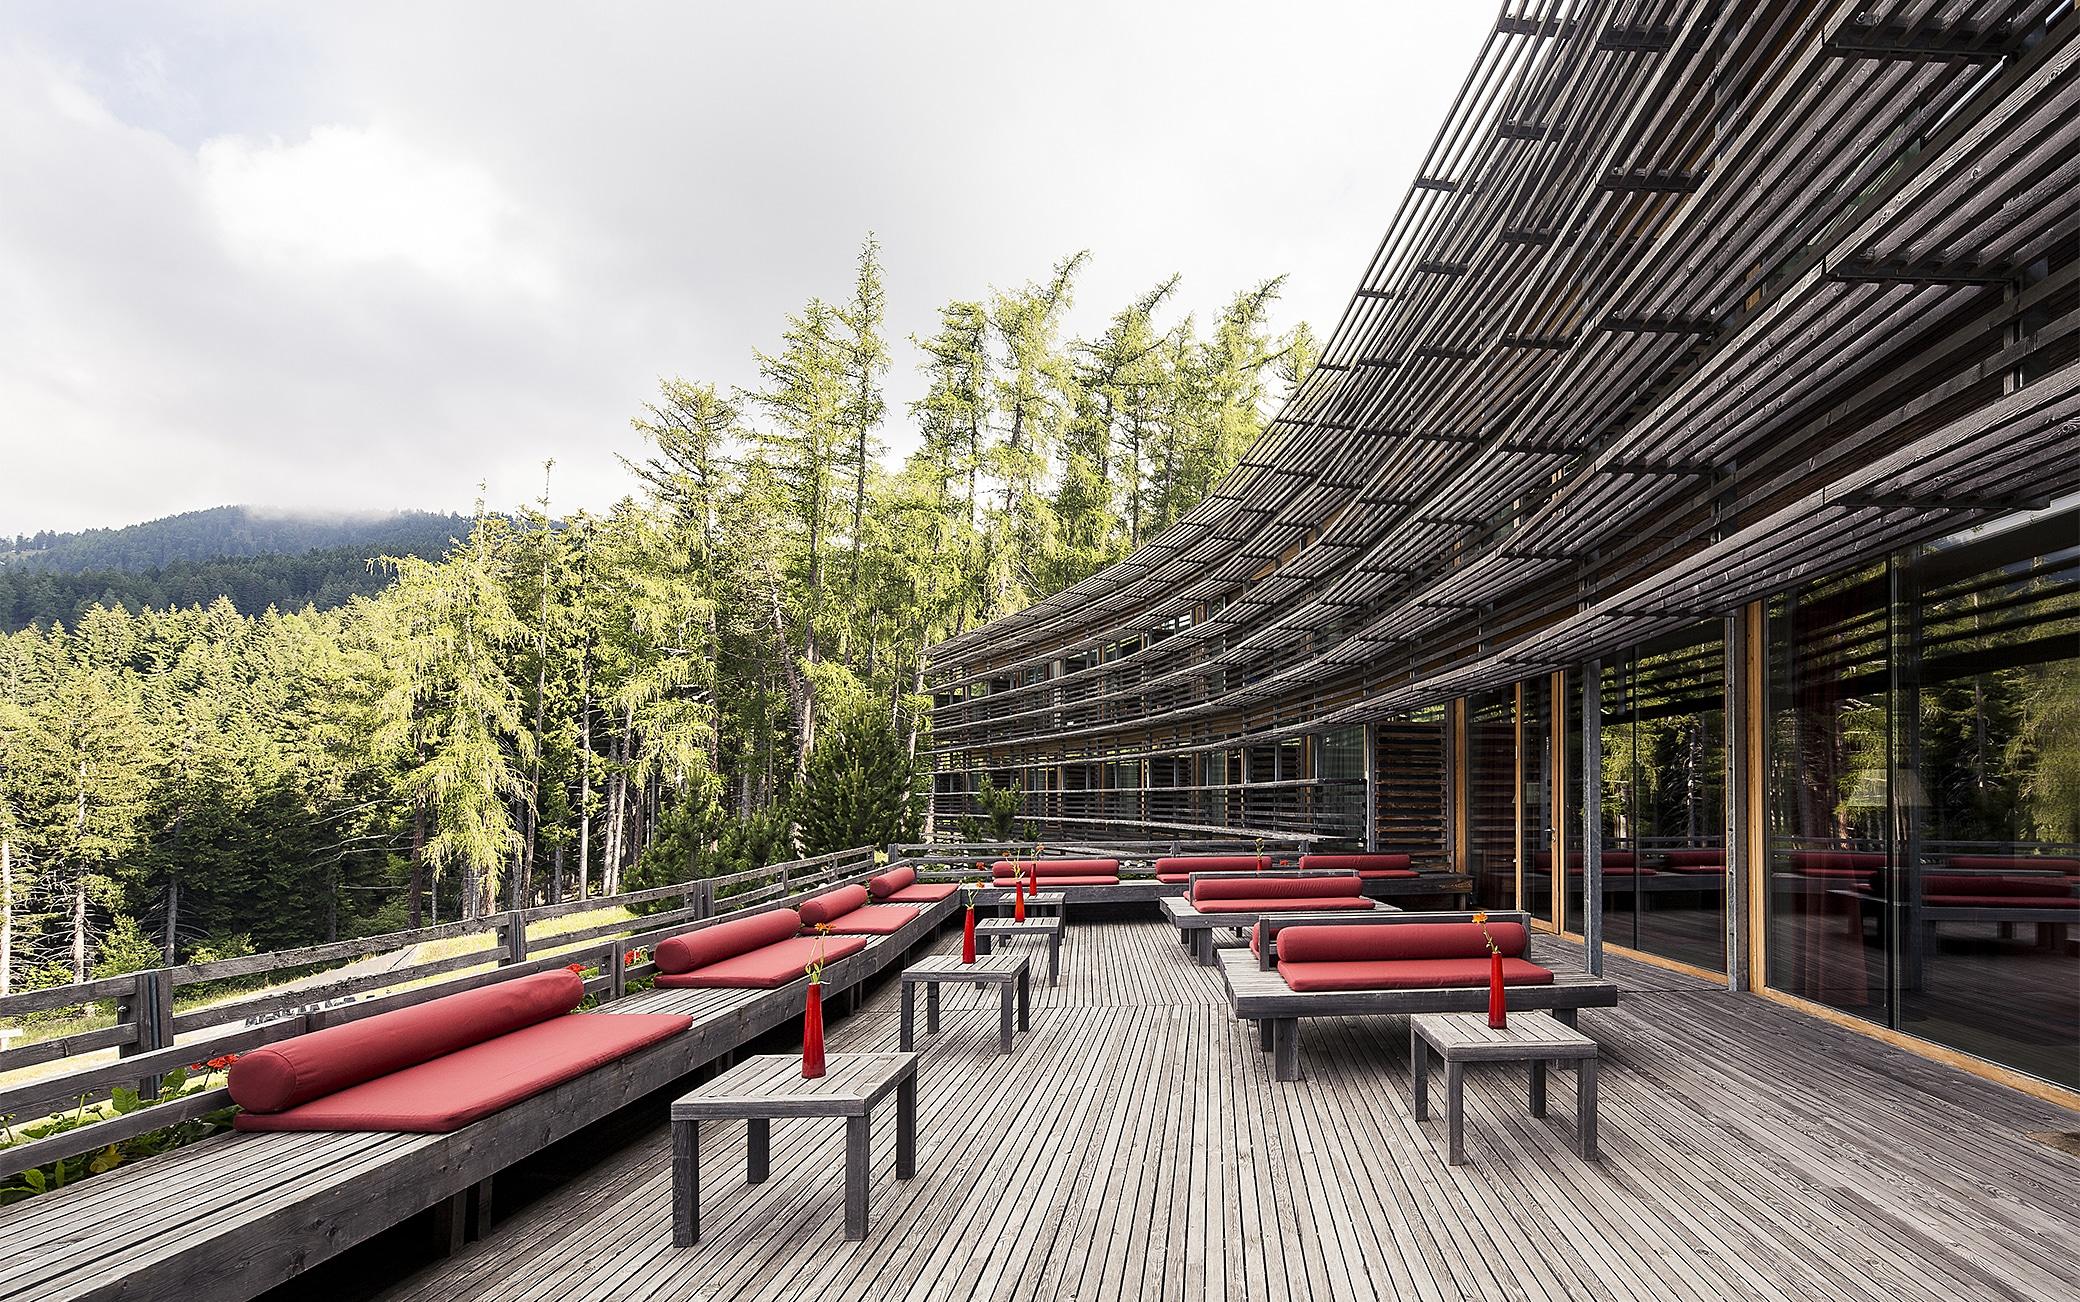 La terrazza-solarium del Vigilius Mountain Resort in Trentino